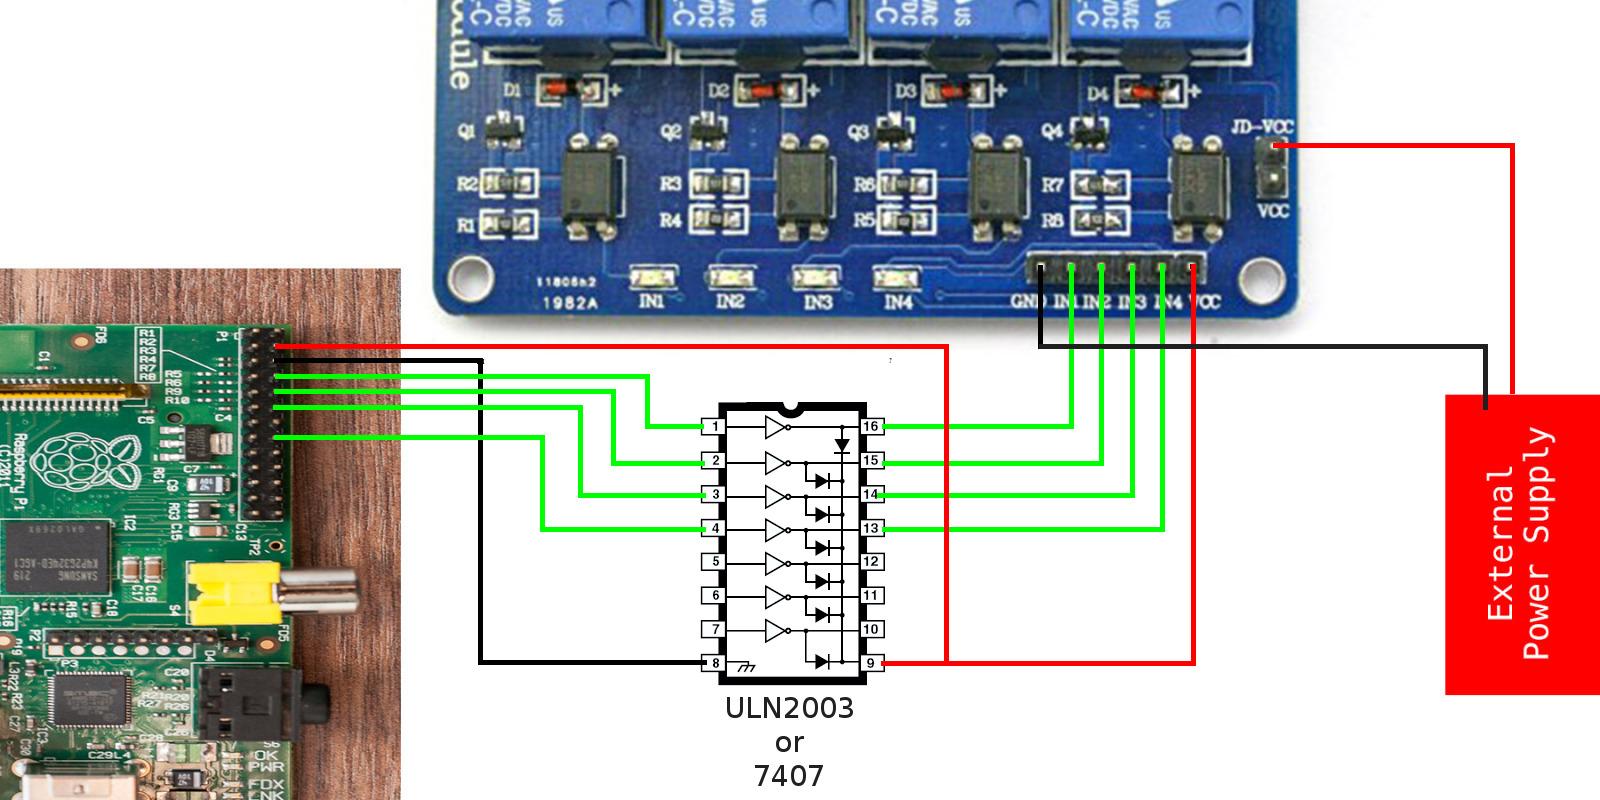 Relais-Steuerung - Konfiguration - SHC Raspberry Pi SmartHome Control